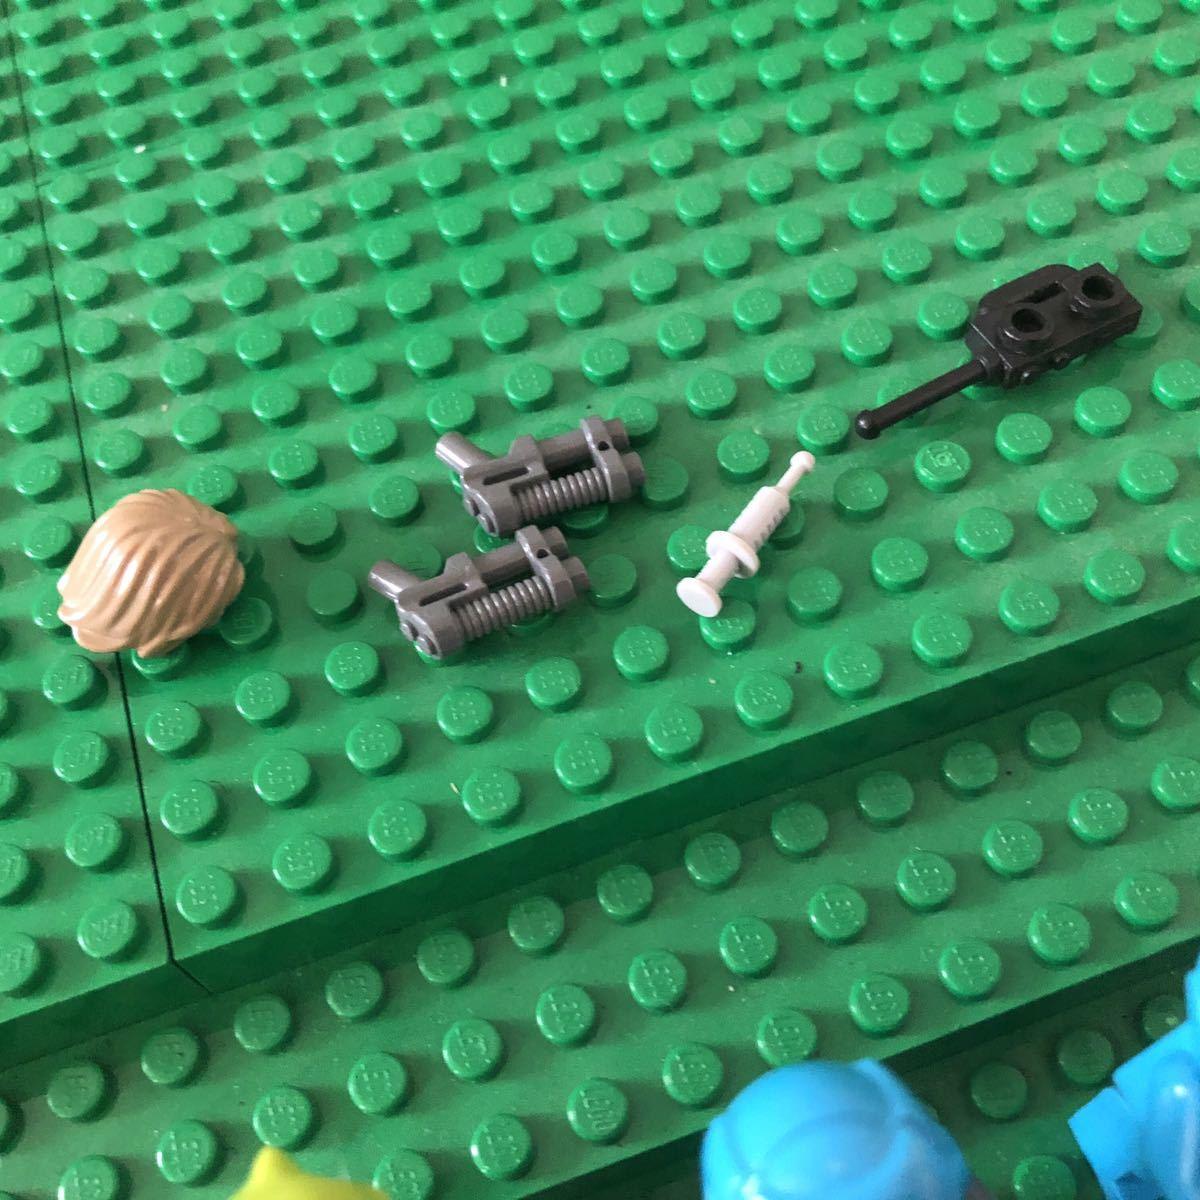 レゴ エイリアン・コンクエスト ミニフィグ セット 色々まとめて出品中kg_画像4